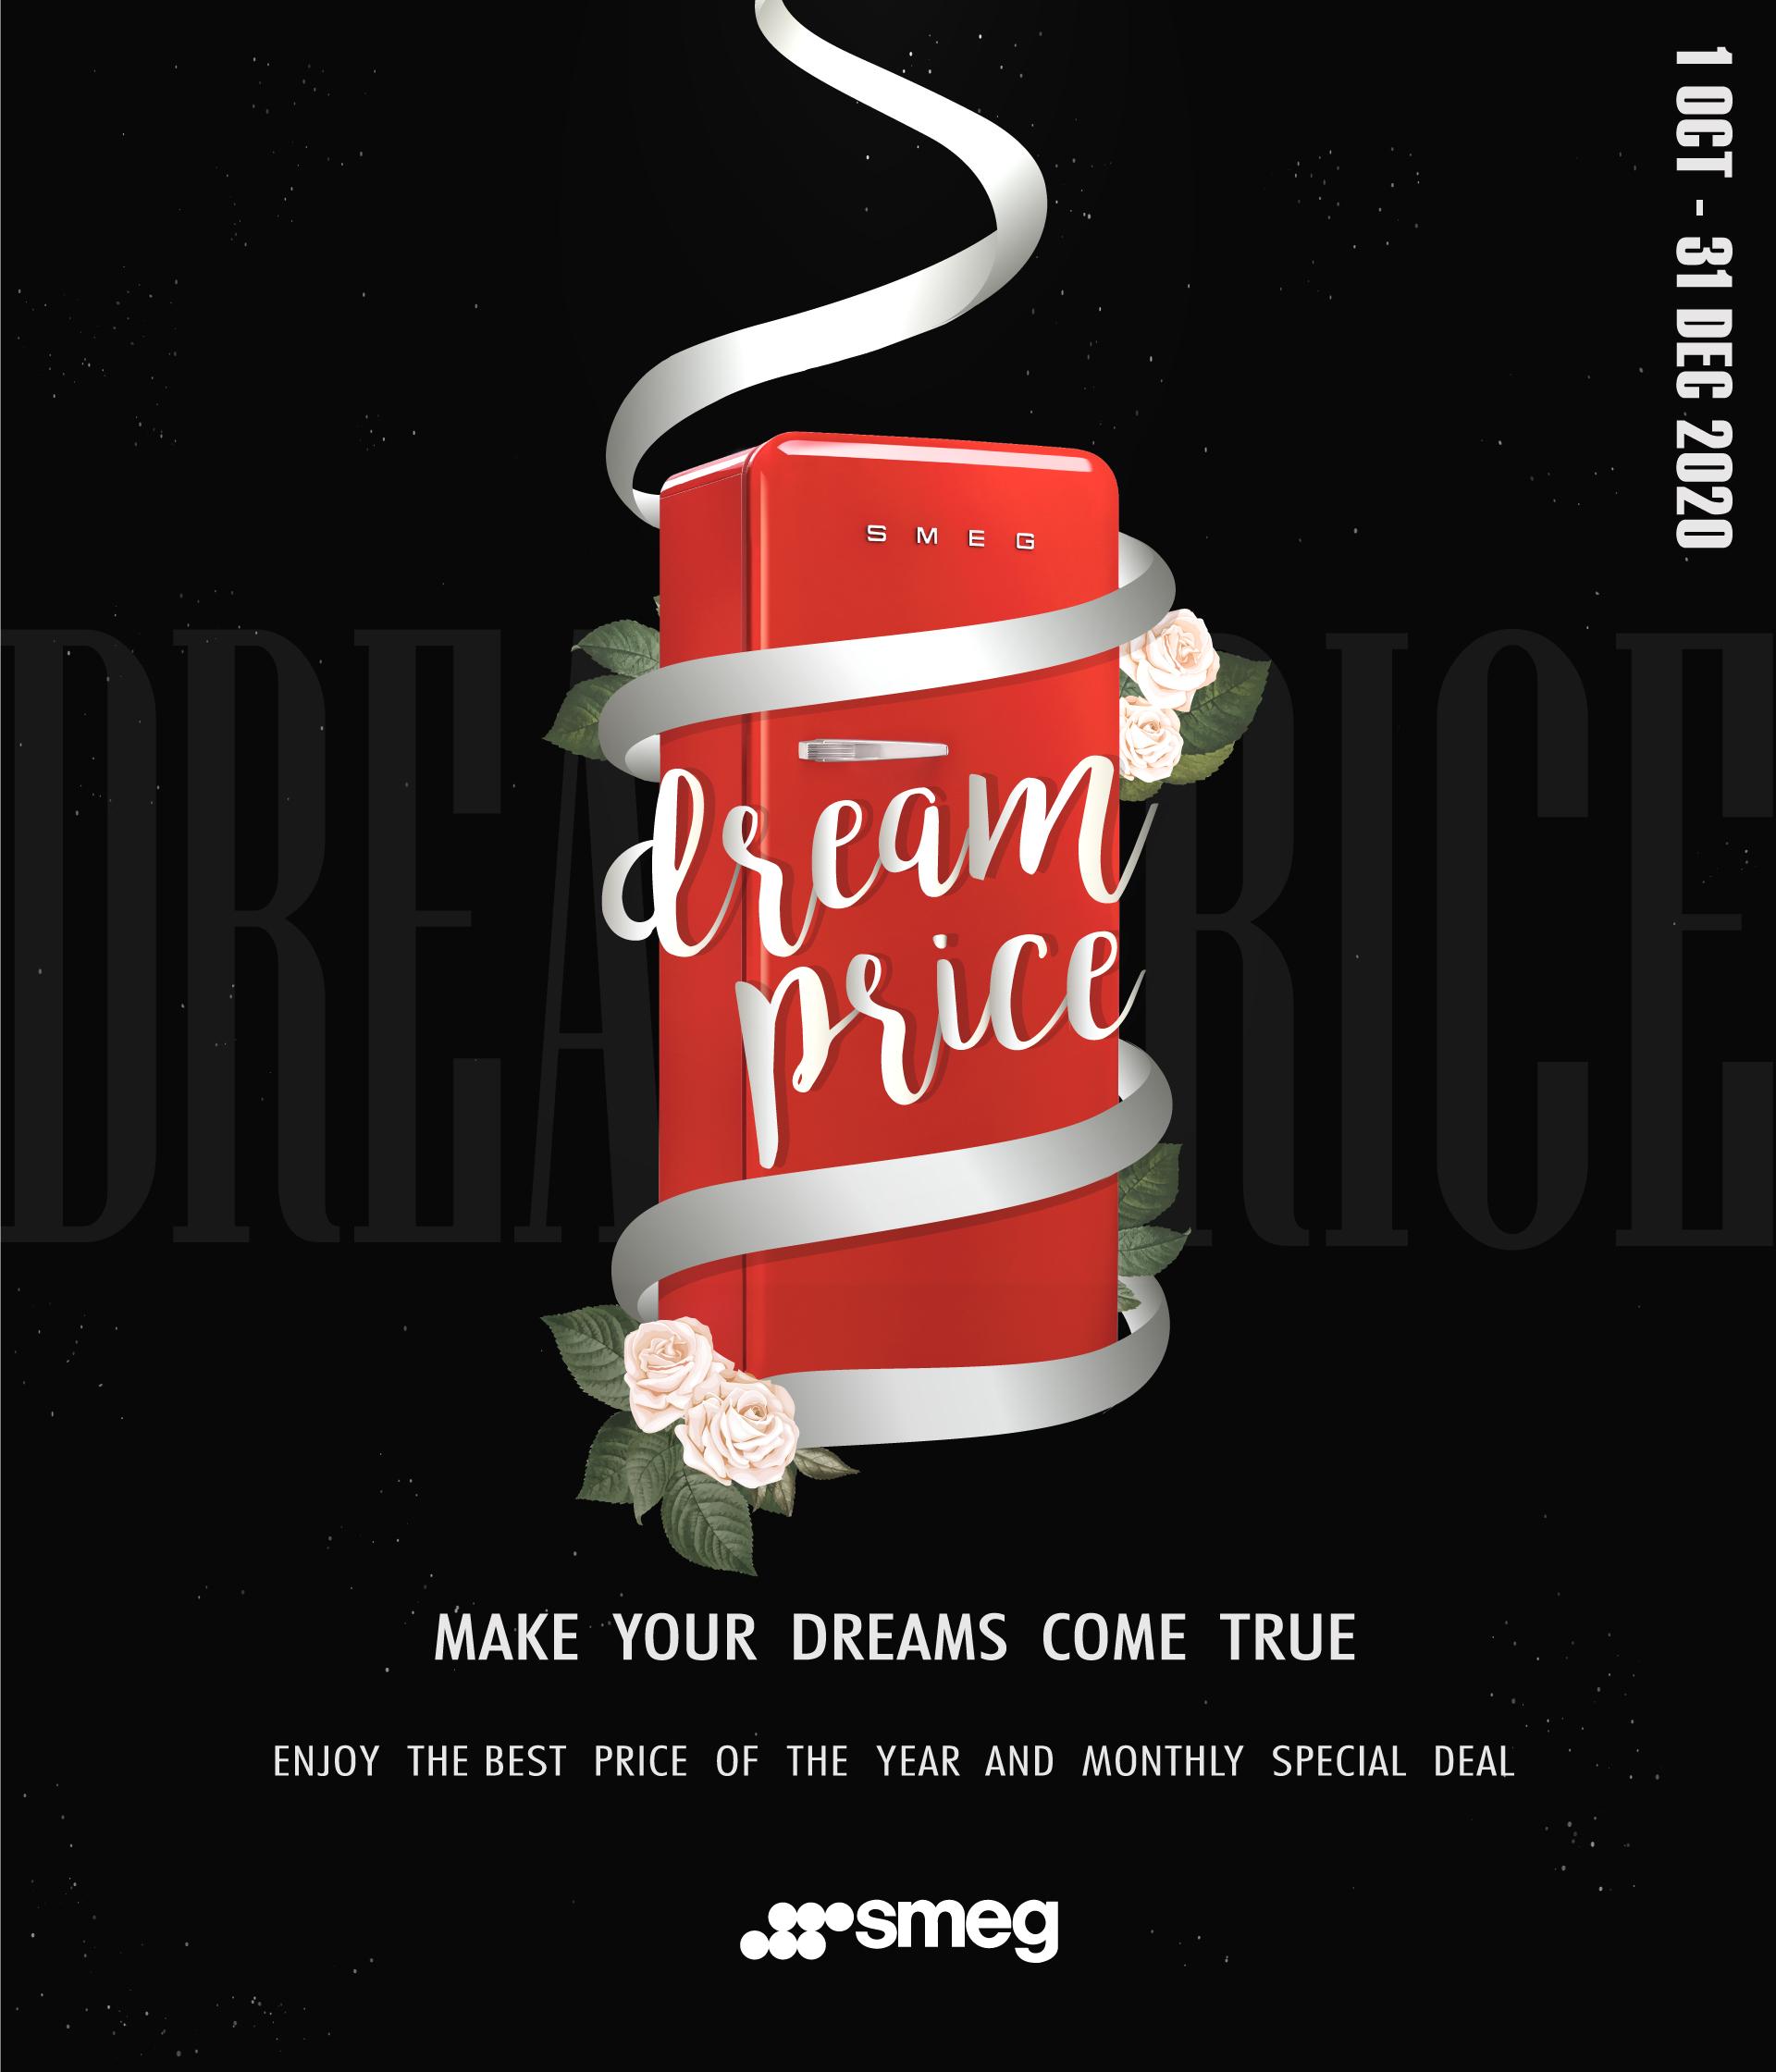 Smeg Dreamprice 2020